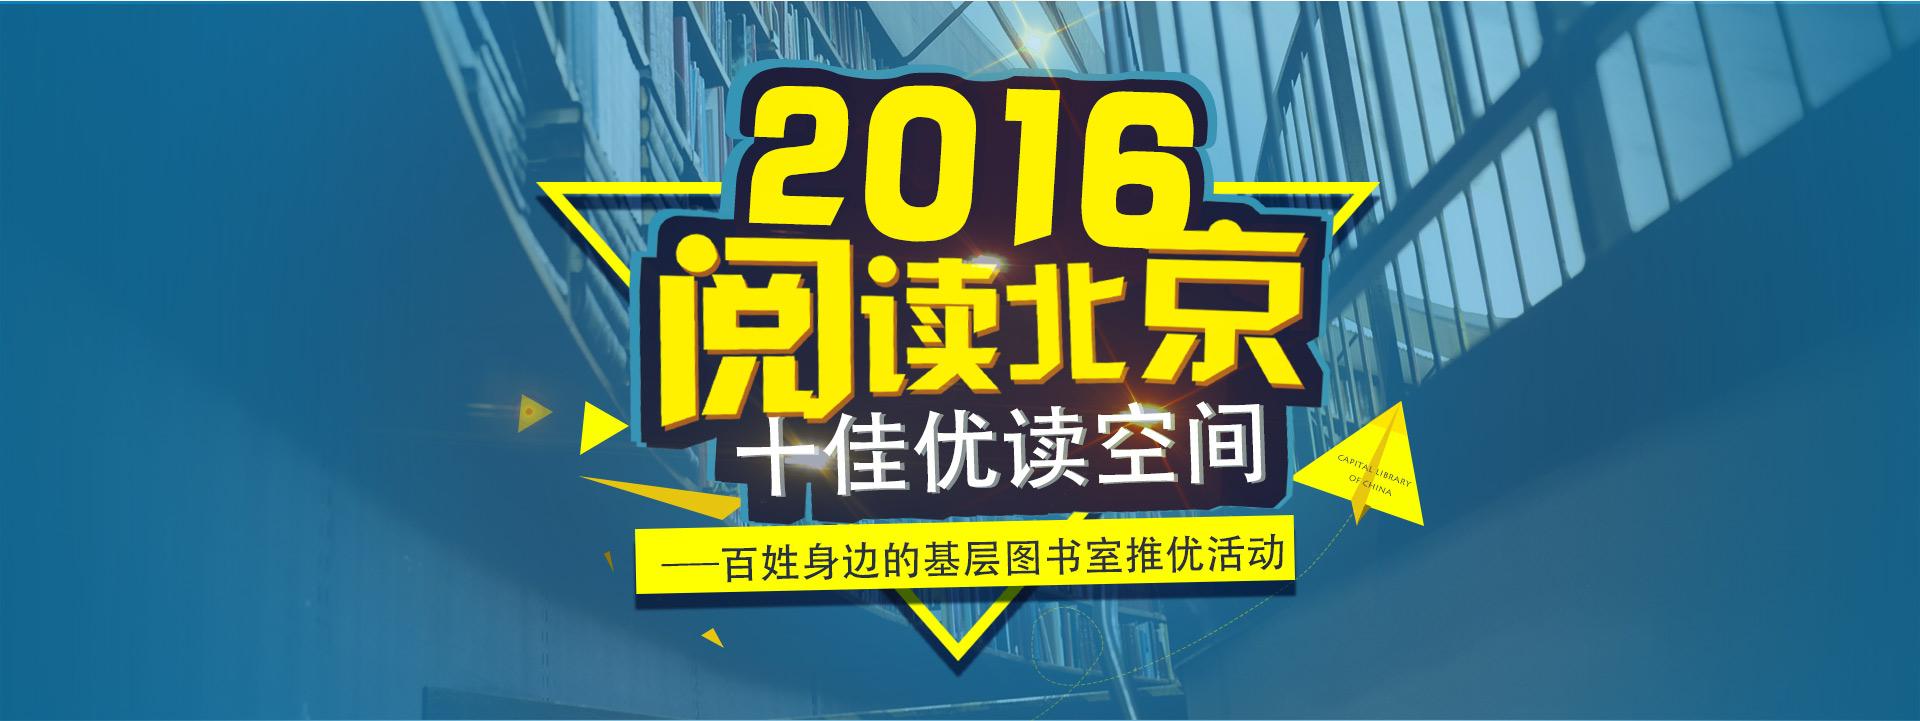 2016.'首页banner图'